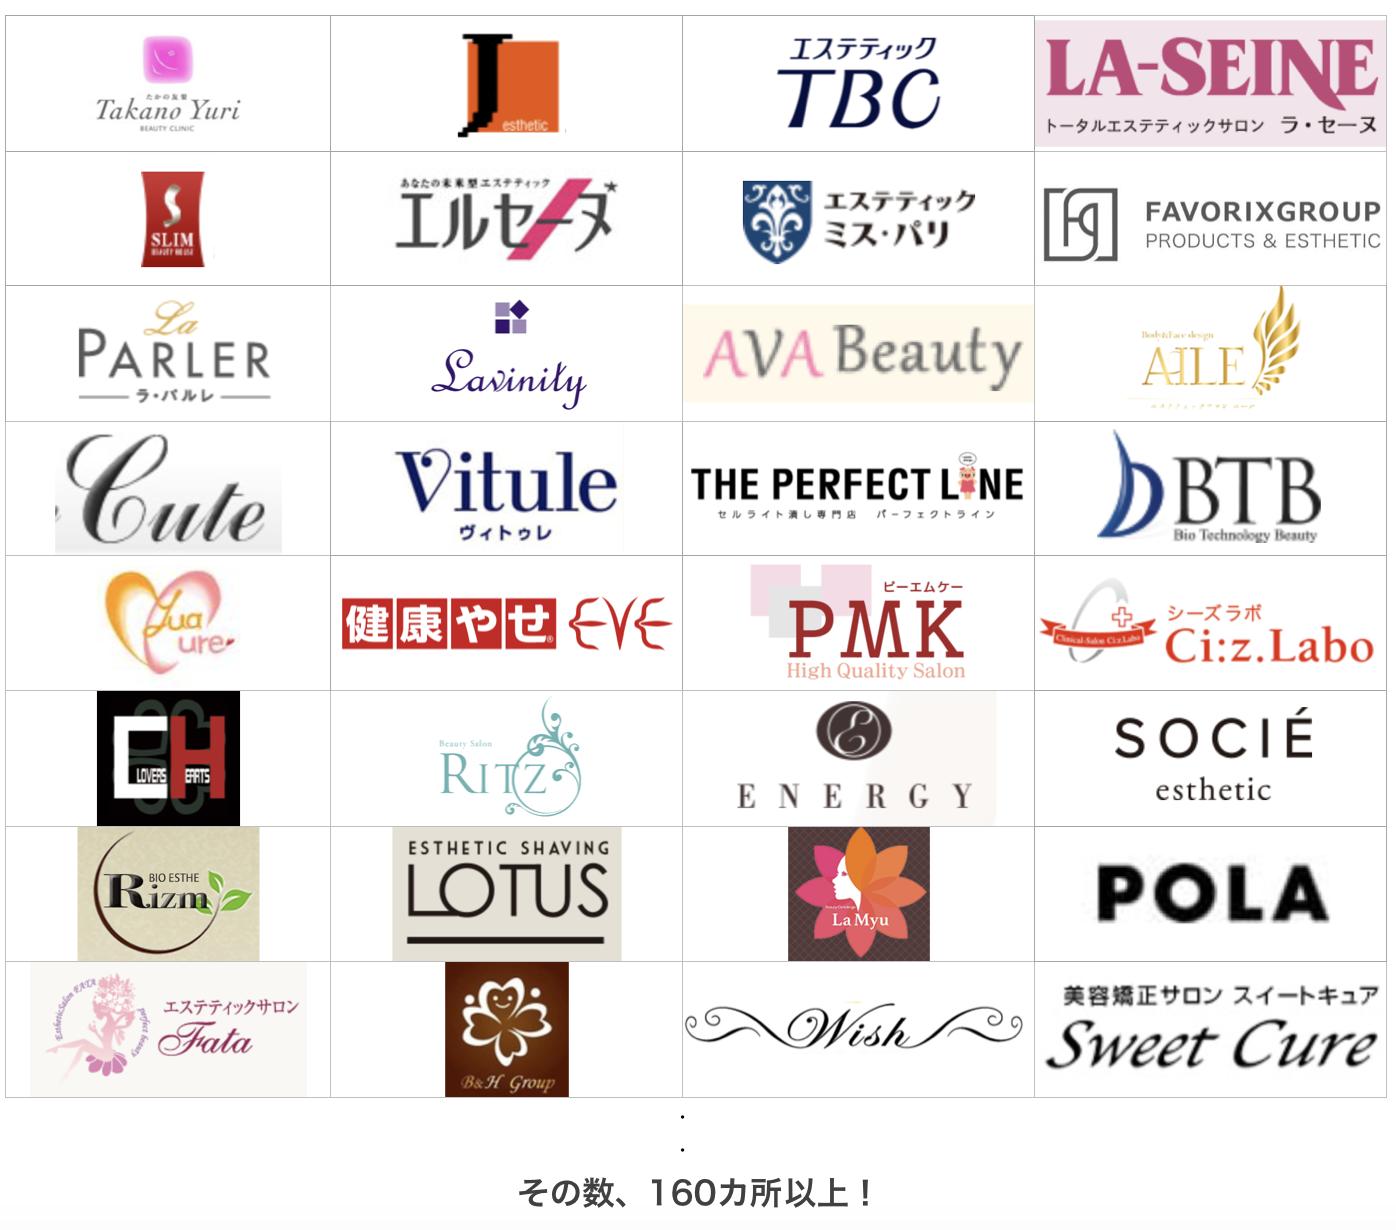 埼玉市内だけでも160店舗以上ある!